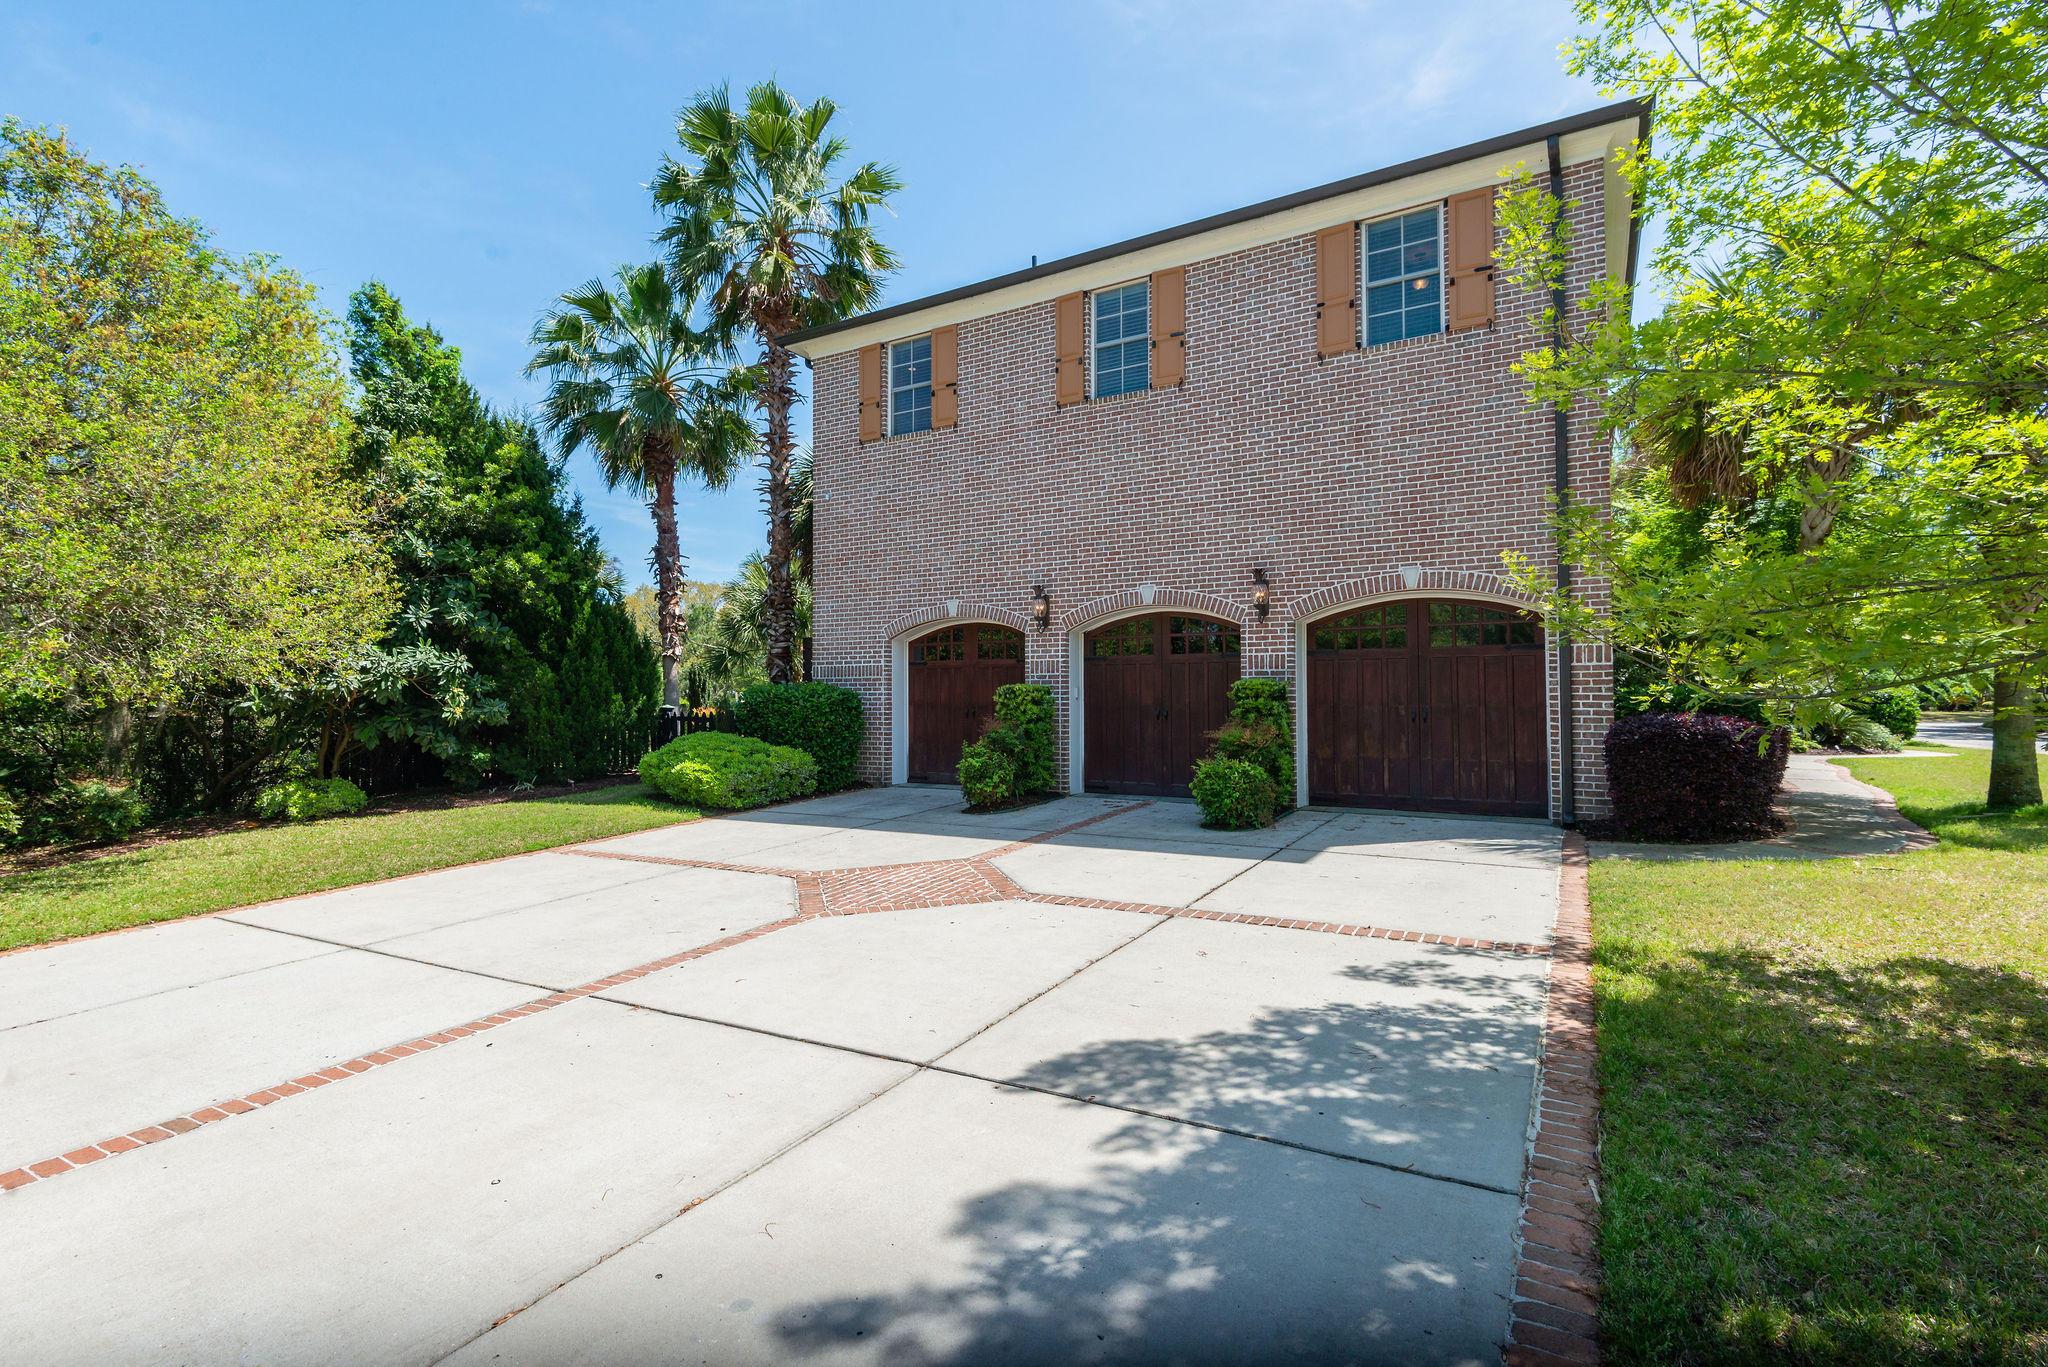 Ellis Oaks Homes For Sale - 828 Mary River, Charleston, SC - 9